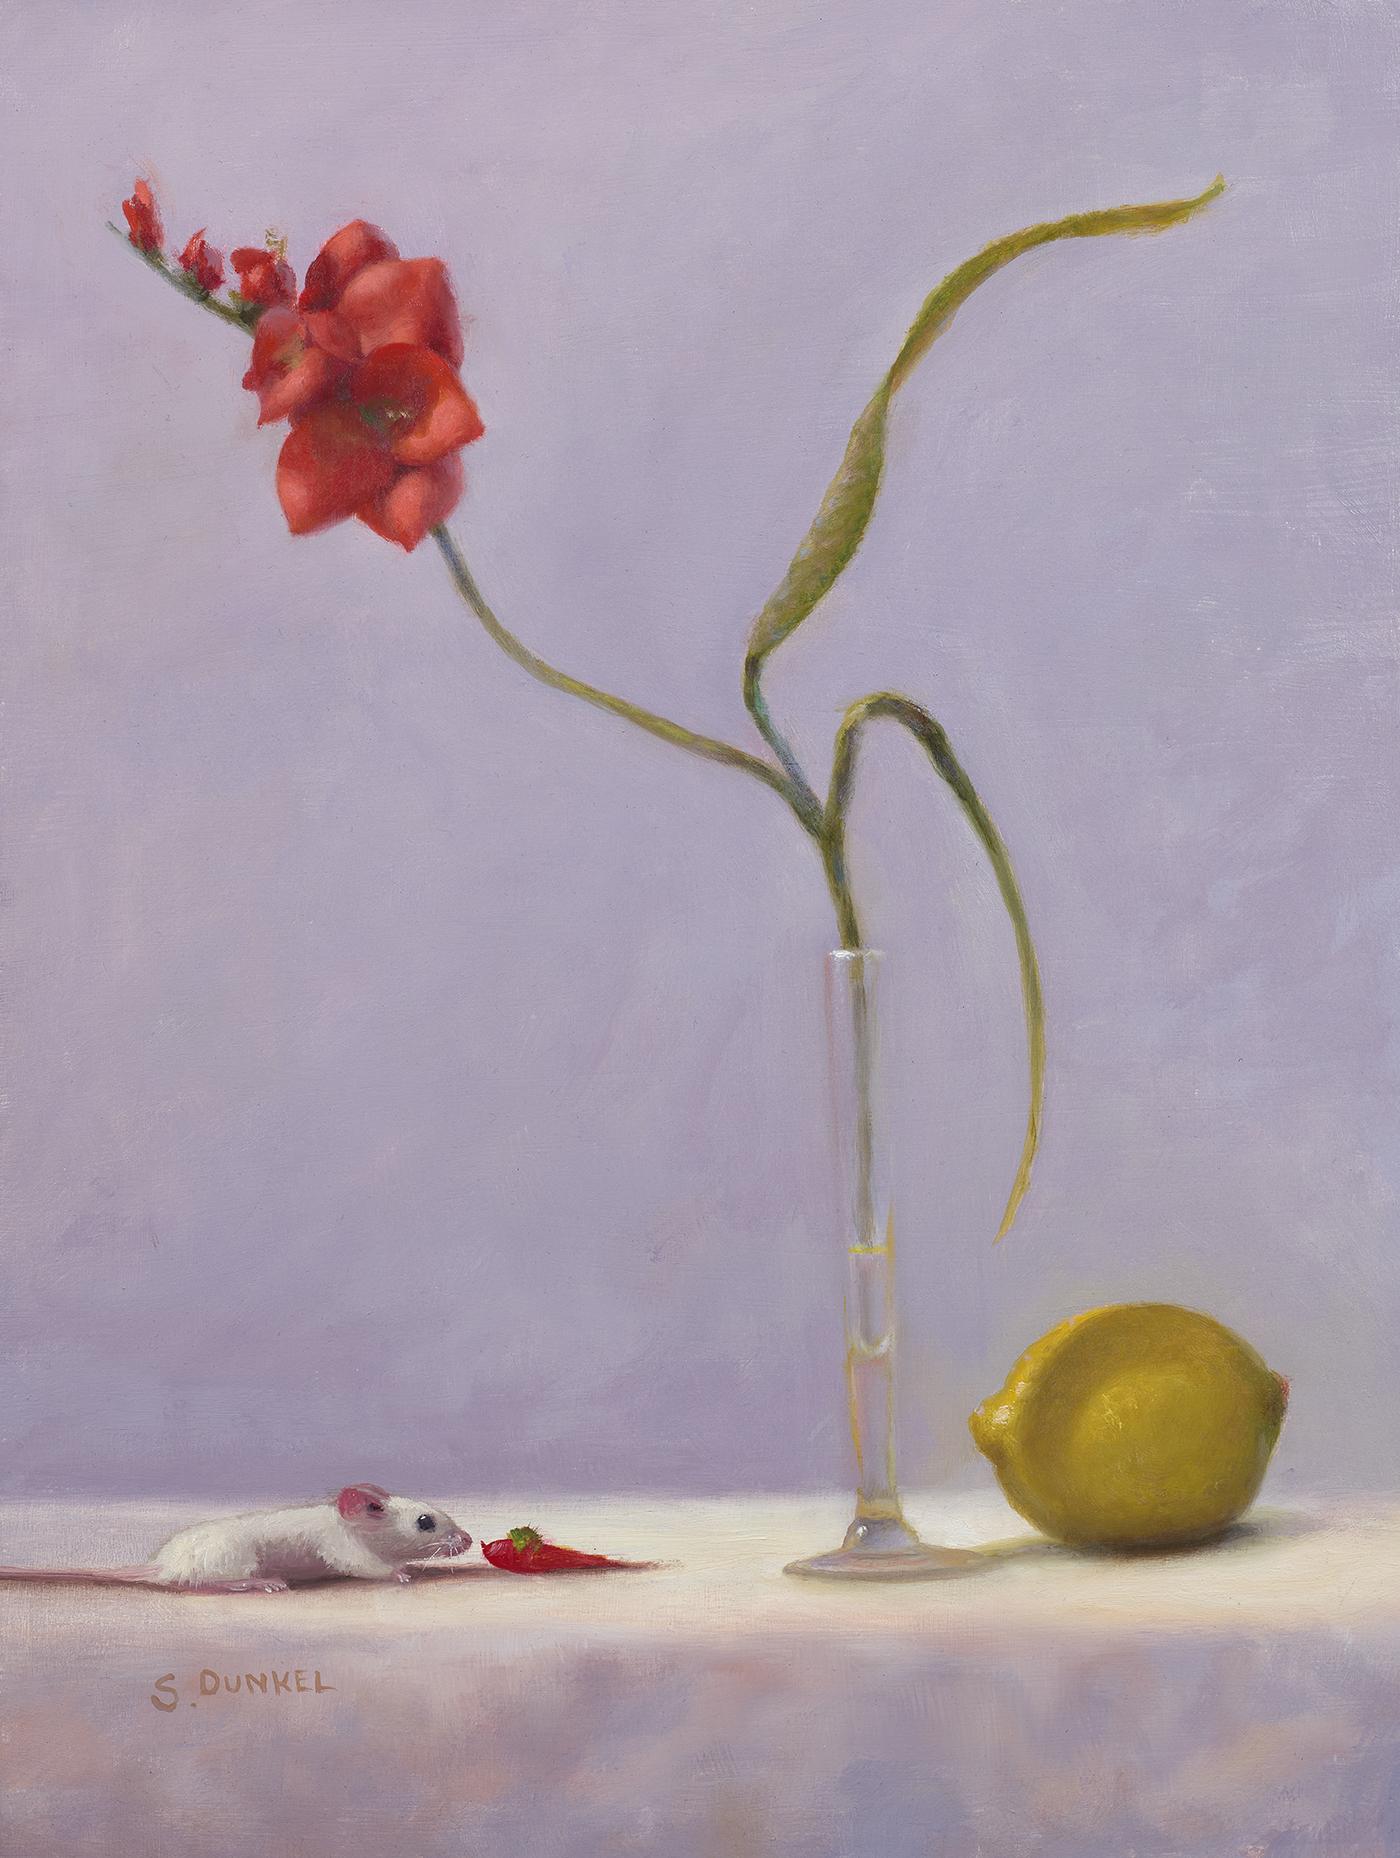 stuart_dunkel_sd1612_lemon_and_orchid.jpg